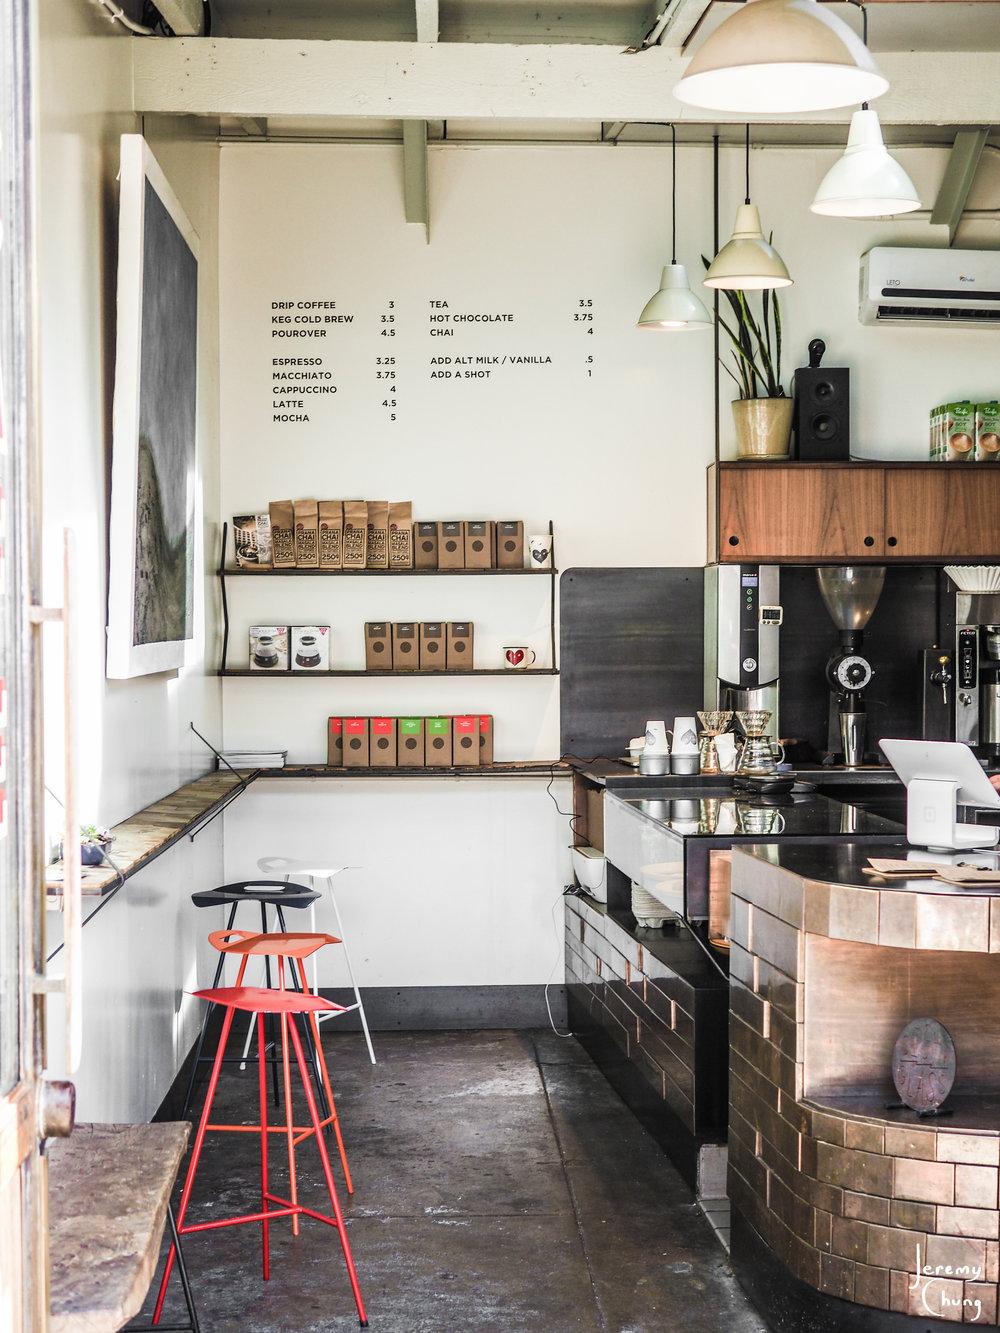 Blog — Dish Crawl Co